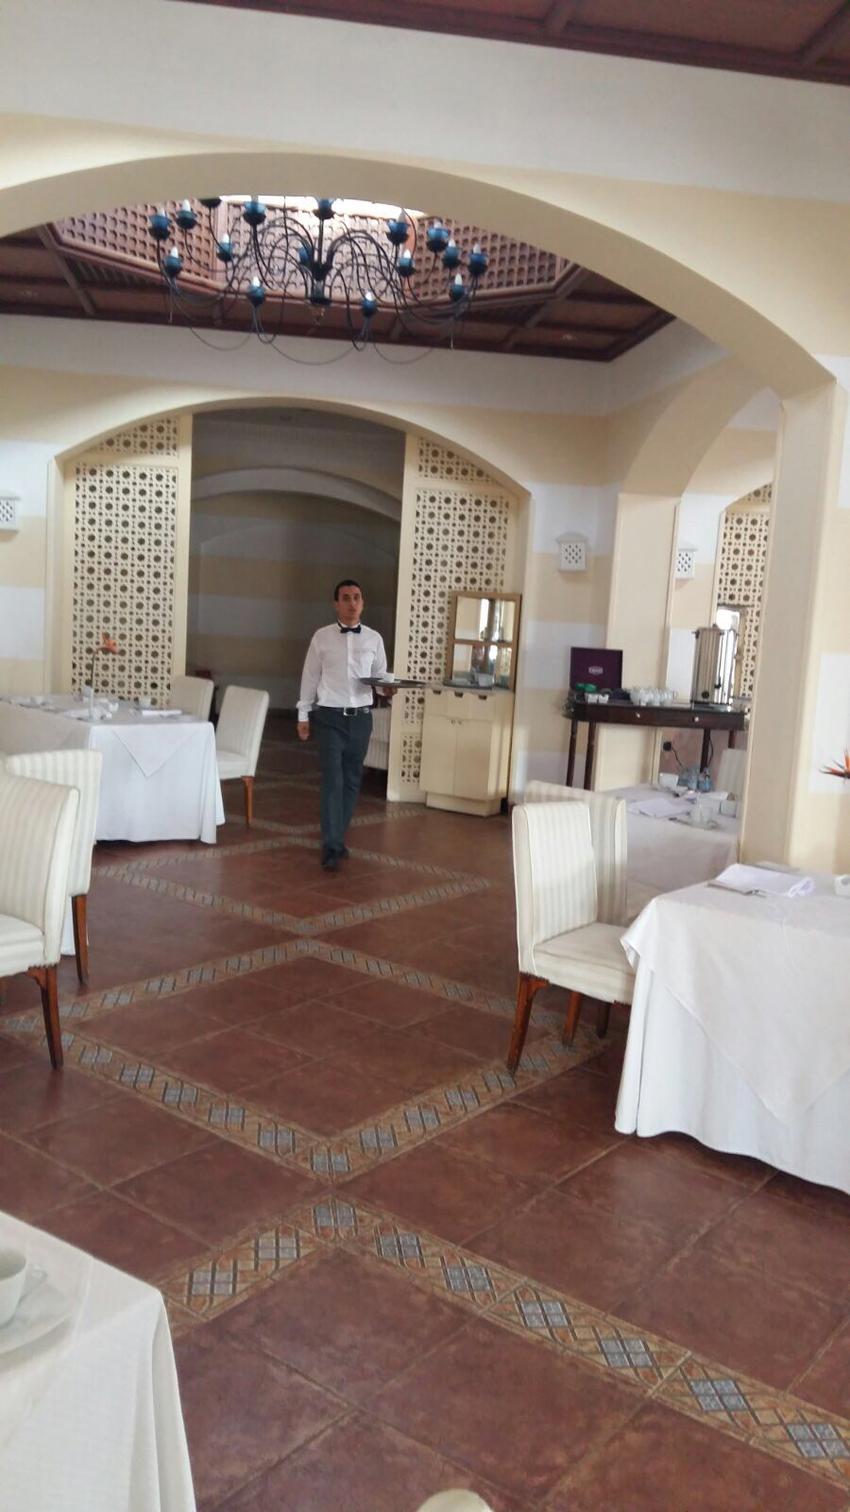 Italianità e marchigianità a tavola anche in Egitto grazie a Paolo Cocciolone